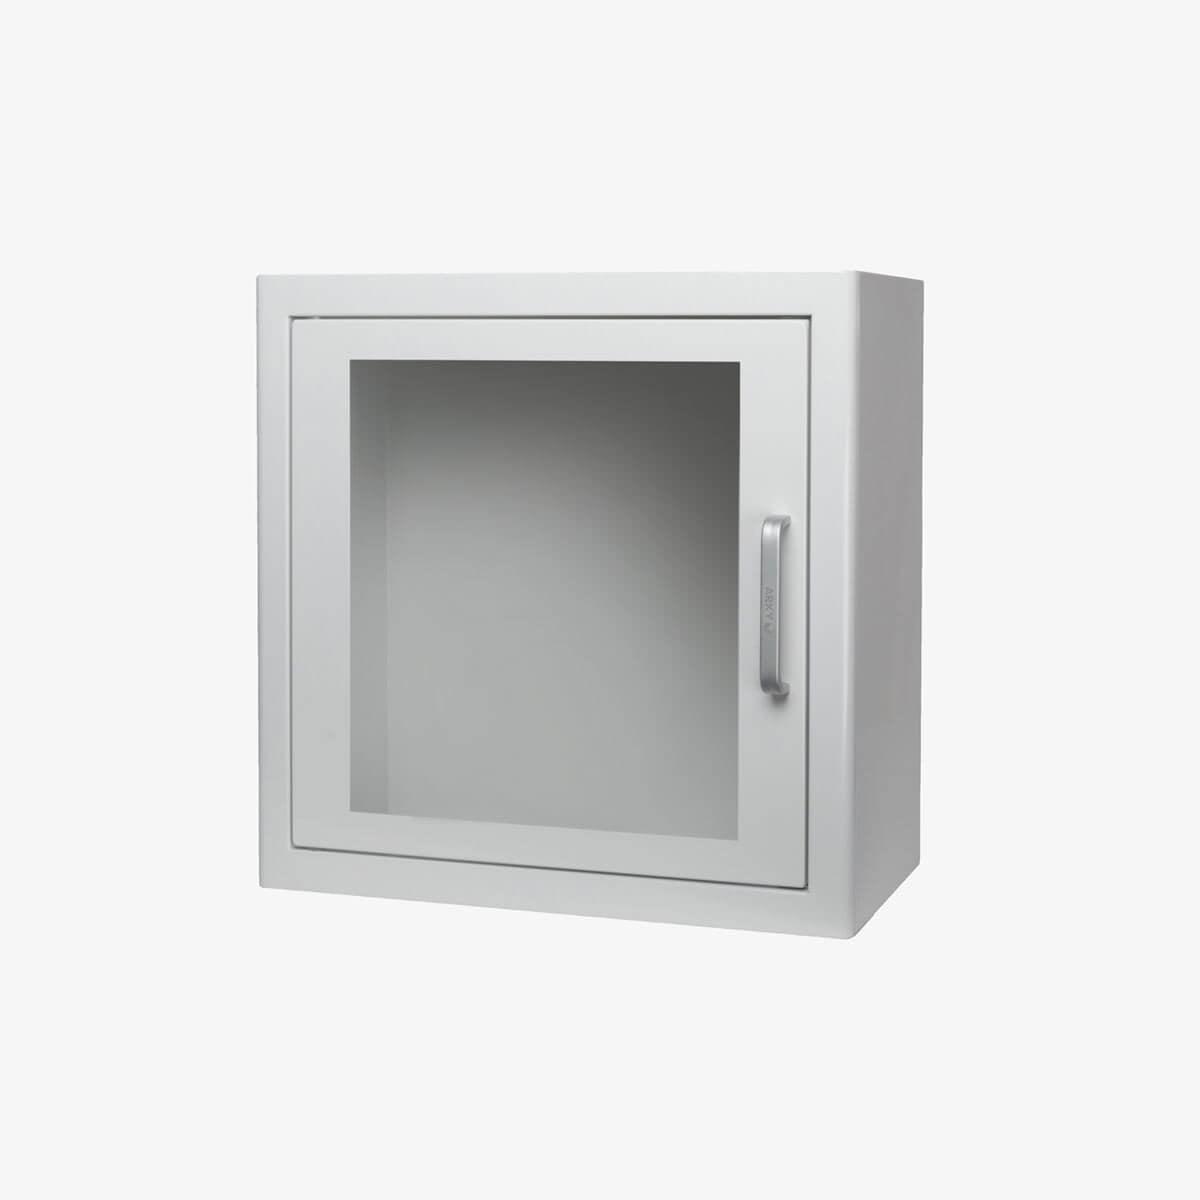 AED-Wandschrank zur Inneninstallation